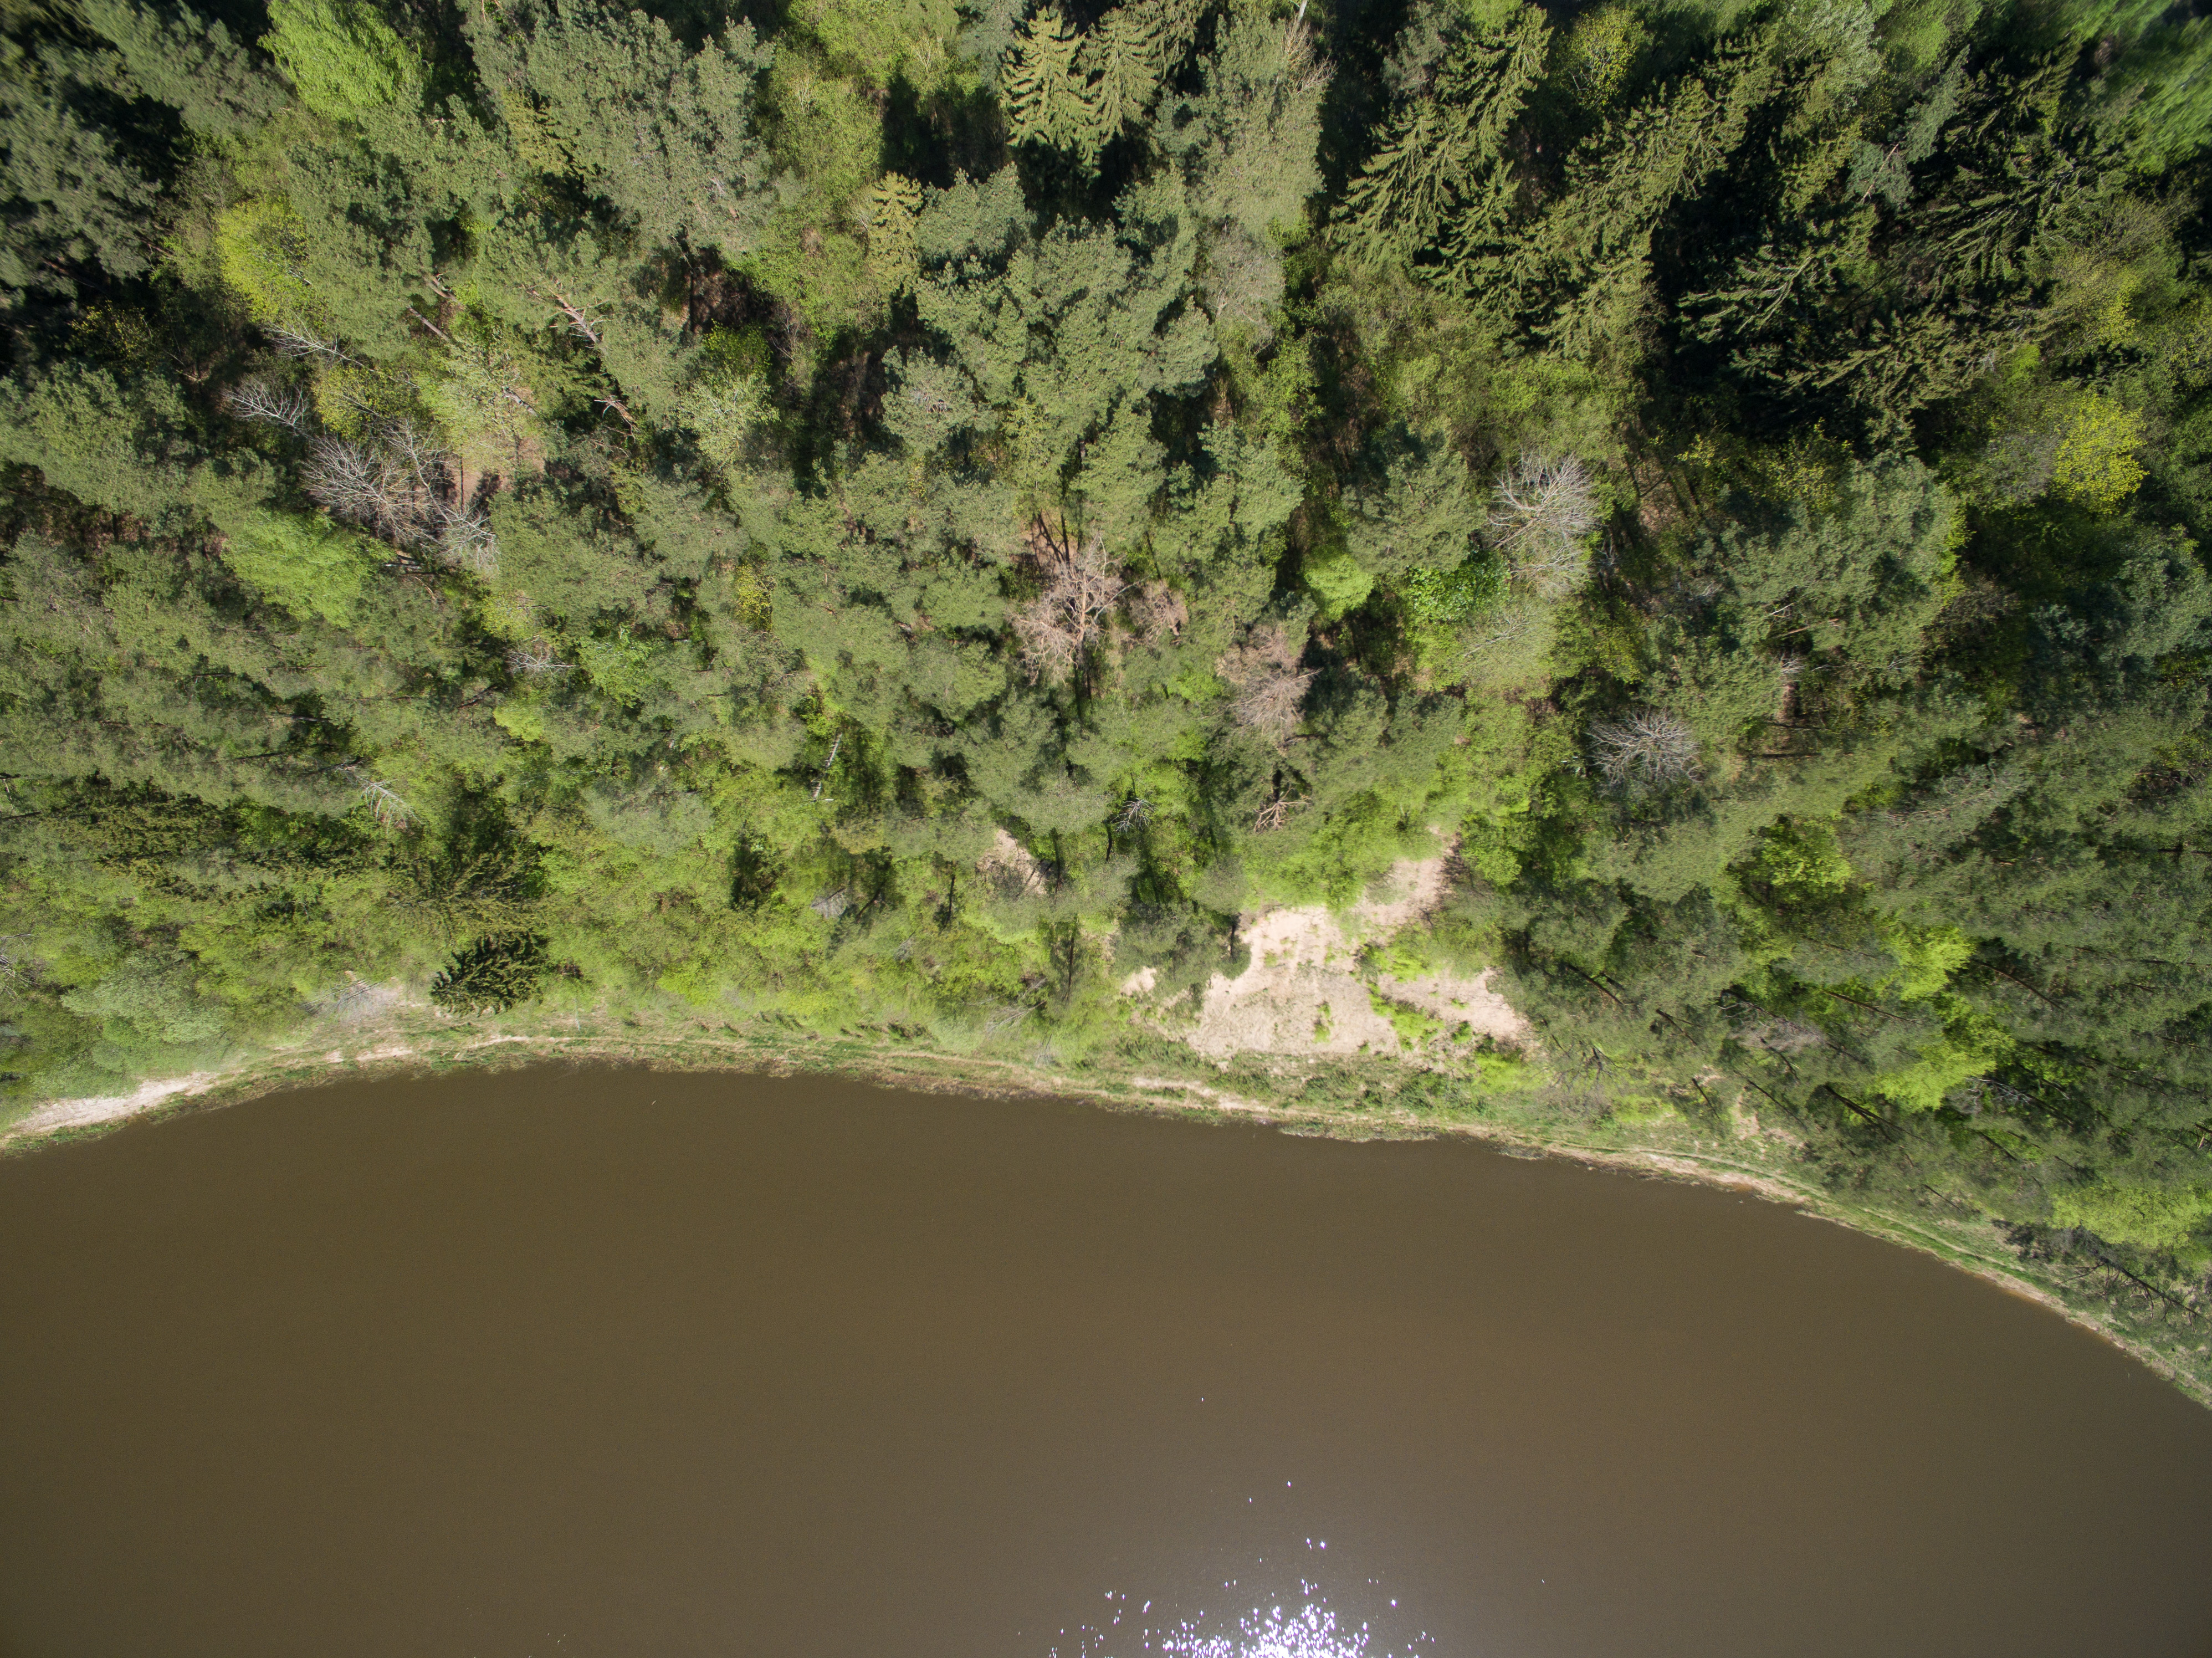 """Ar esate atkreipę dėmesį, kad visus 900 kilometrų tekantis aiškia kryptimi upių """"tėvas"""" Nemunas ties Prienais, Birštonu pradeda raitytis, vingiuoti, ir, apsukęs kilpą, sugrįžti atgal, lyg norėtų kažko baisaus išvengti. Senovėję plaukusiems šia upe tokie vingiai keldavo nerimą: iš abiejų pusių – neįžengiami miškai, priekyje – besiraitanti upė – kažin kas gali nutikti tokioje atkarpoje? Dabar šioje vietoje, ties Prienais, Birštonu, įkurtas Nemuno kilpų regioninis parkas, viliojantis daugybe vietų akims paganyti. Įvairiems sparnuotiems ir po šimtamečius medžius ropojantiems gyventojams Nemuno kilpų ir šalia ošiančio Punios šilo gamtinės sąlygos sukuria vienintelę galimybę gyventi Lietuvoje."""